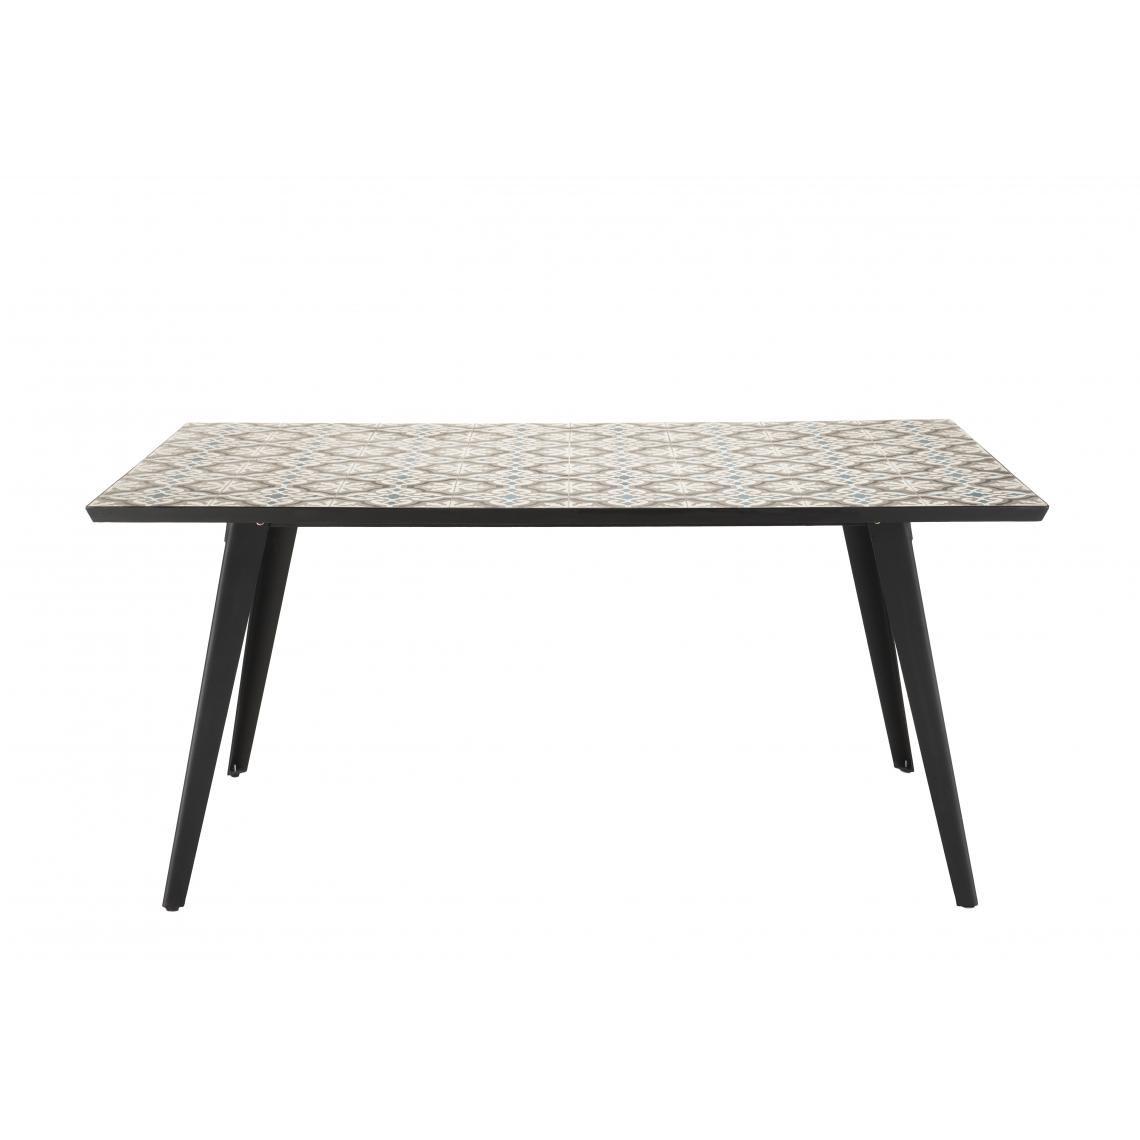 Salon De Jardin Carreau De Ciment table rectangulaire plateau carreaux de ciment 162x102cm - pieds métal plus  de détails